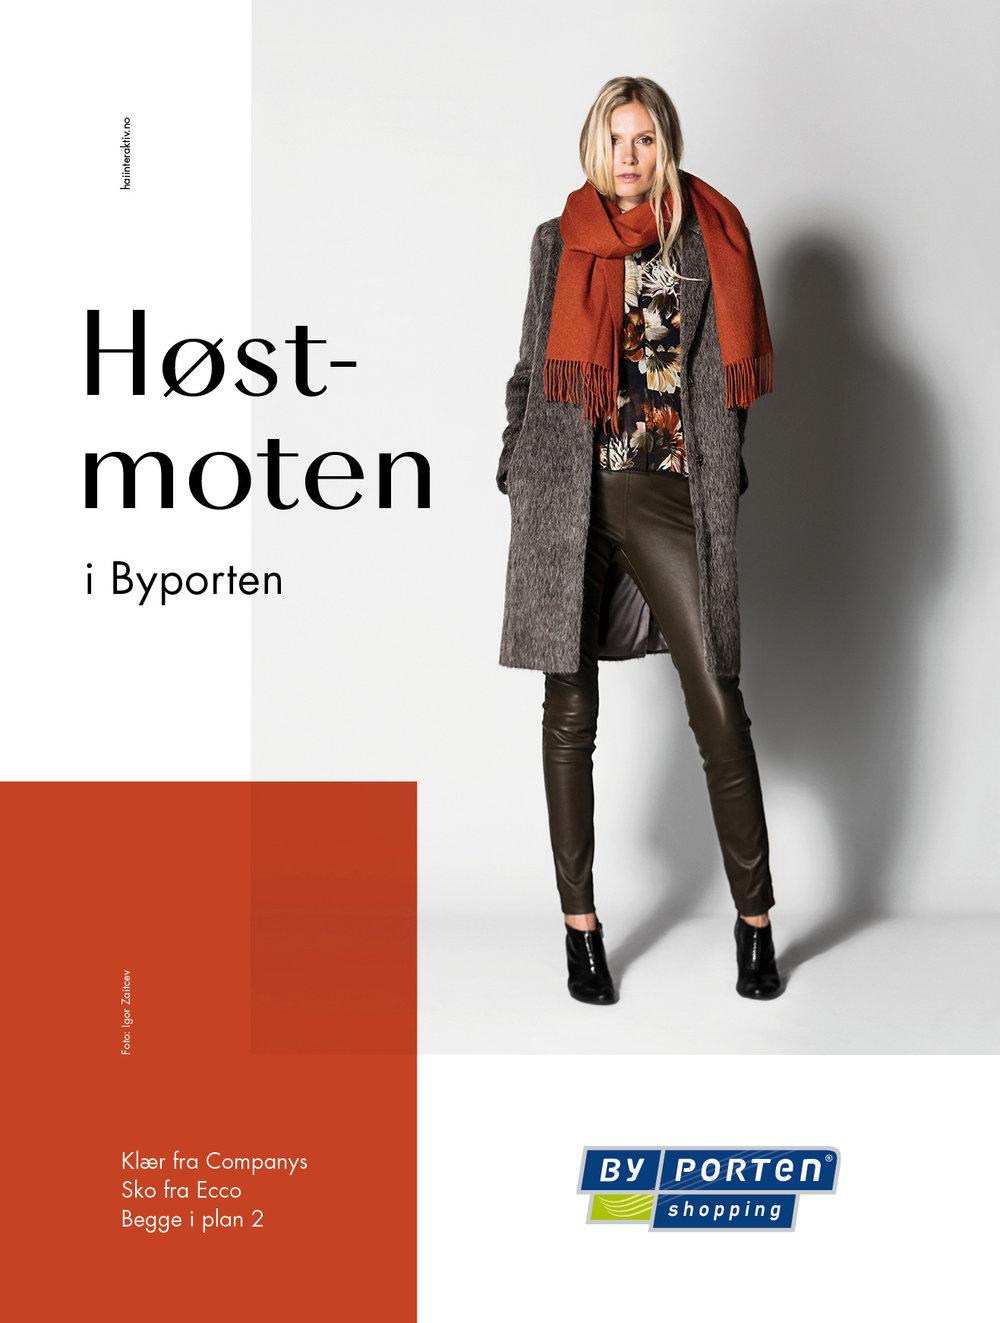 20171018-Høstmoten-COSTUME-Dame-2.jpg